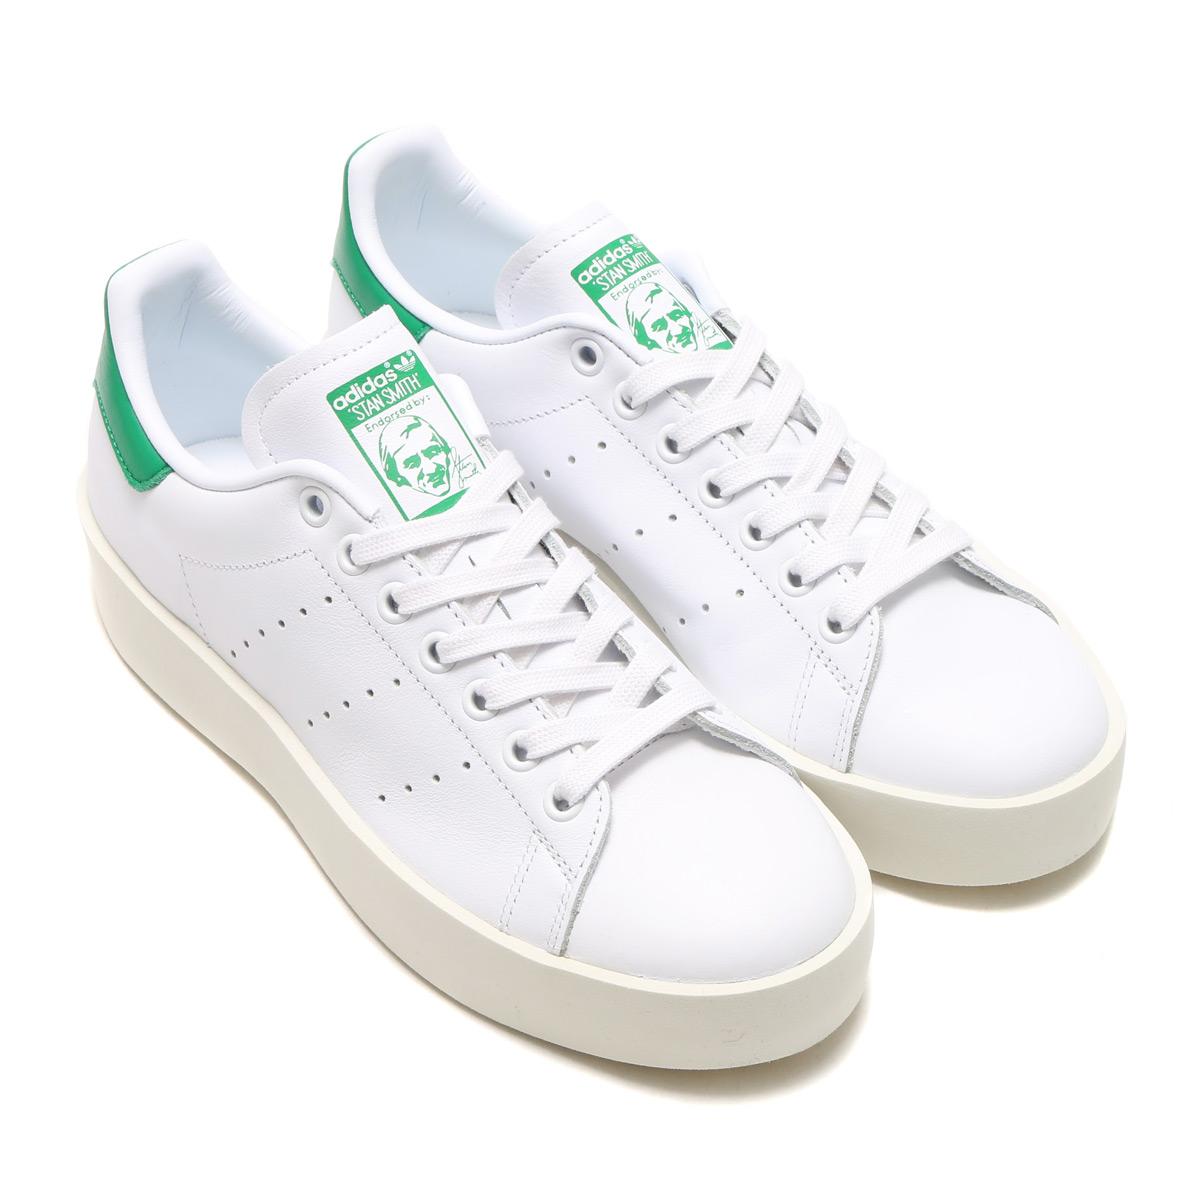 adidas Originals STAN SMITH BD W (adidas originals Stan Smith BD W) RUNNING  WHITE RUNNING WHITE GREEN 16FW-I b4e13dbcd